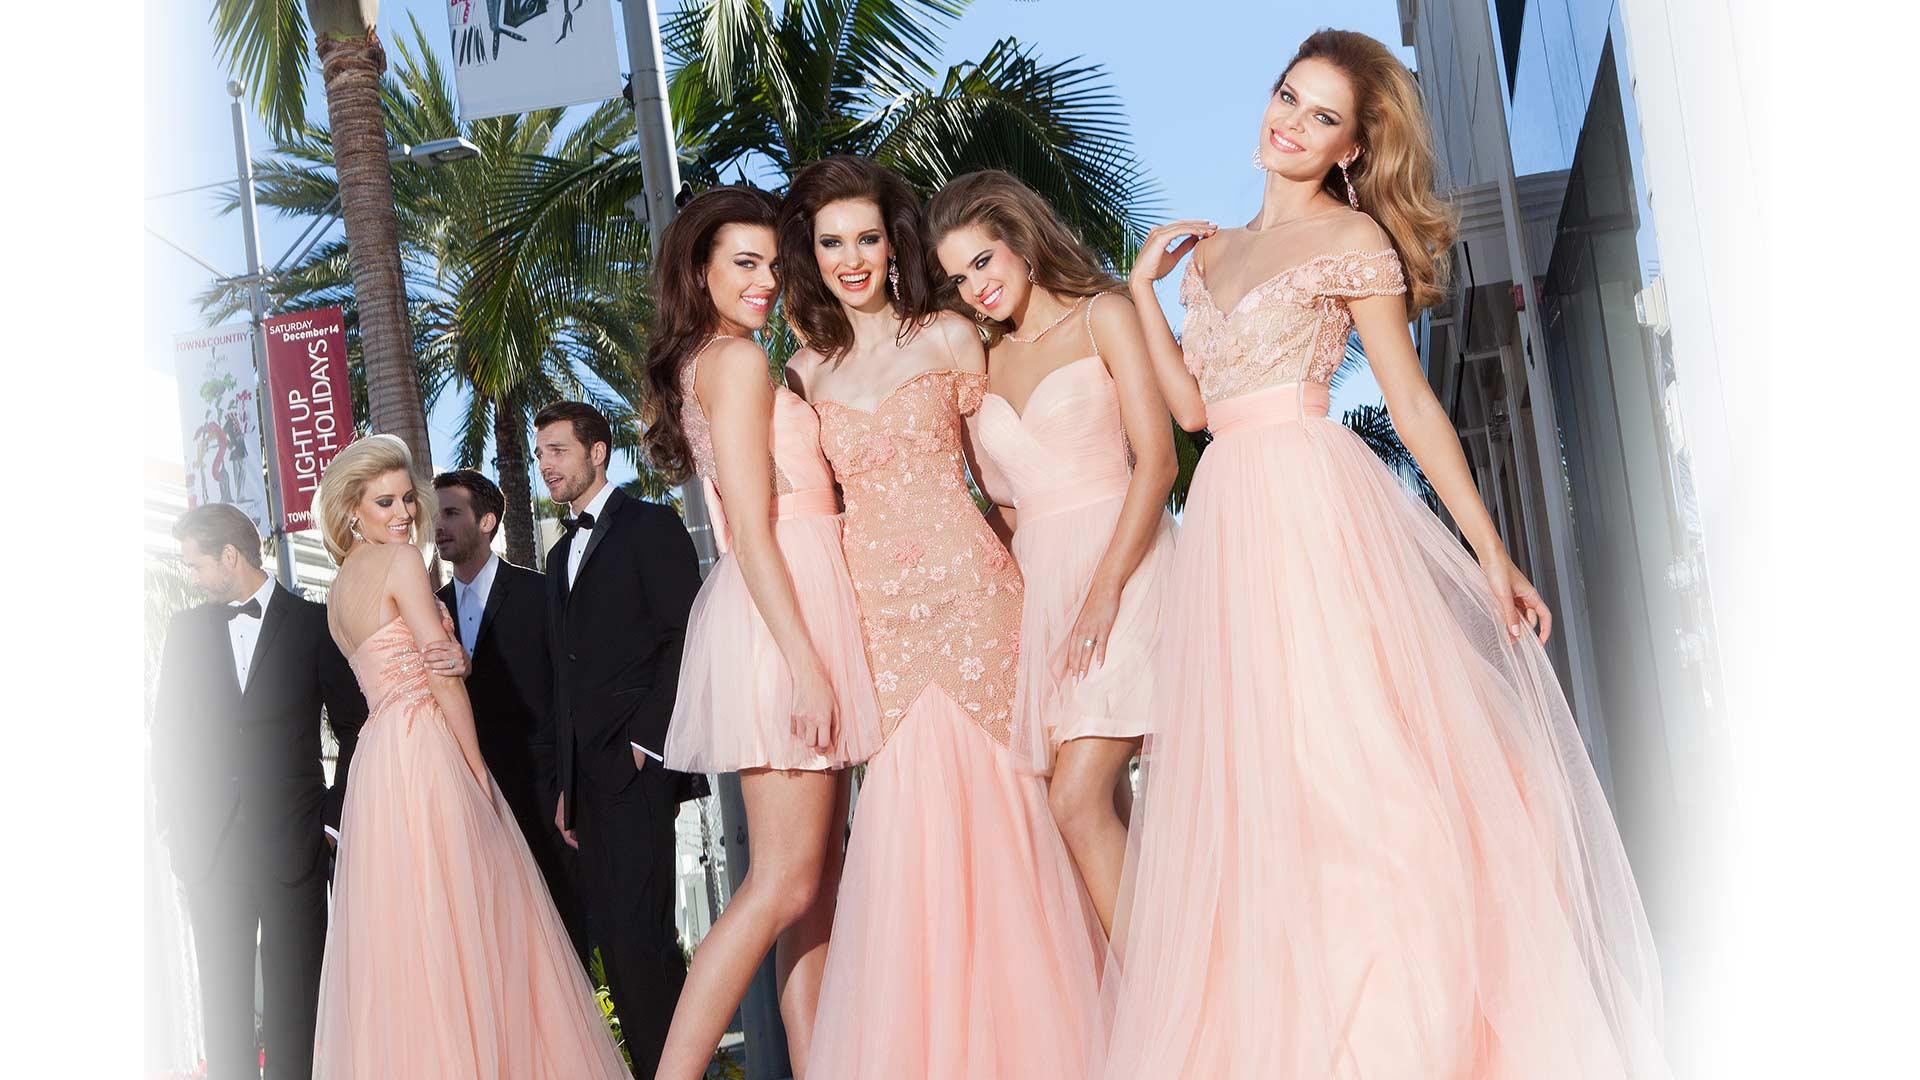 3846c81351f Готовитесь к выпускному или свадьбе  Модные советы и лучшие предложения для  идеального торжества.